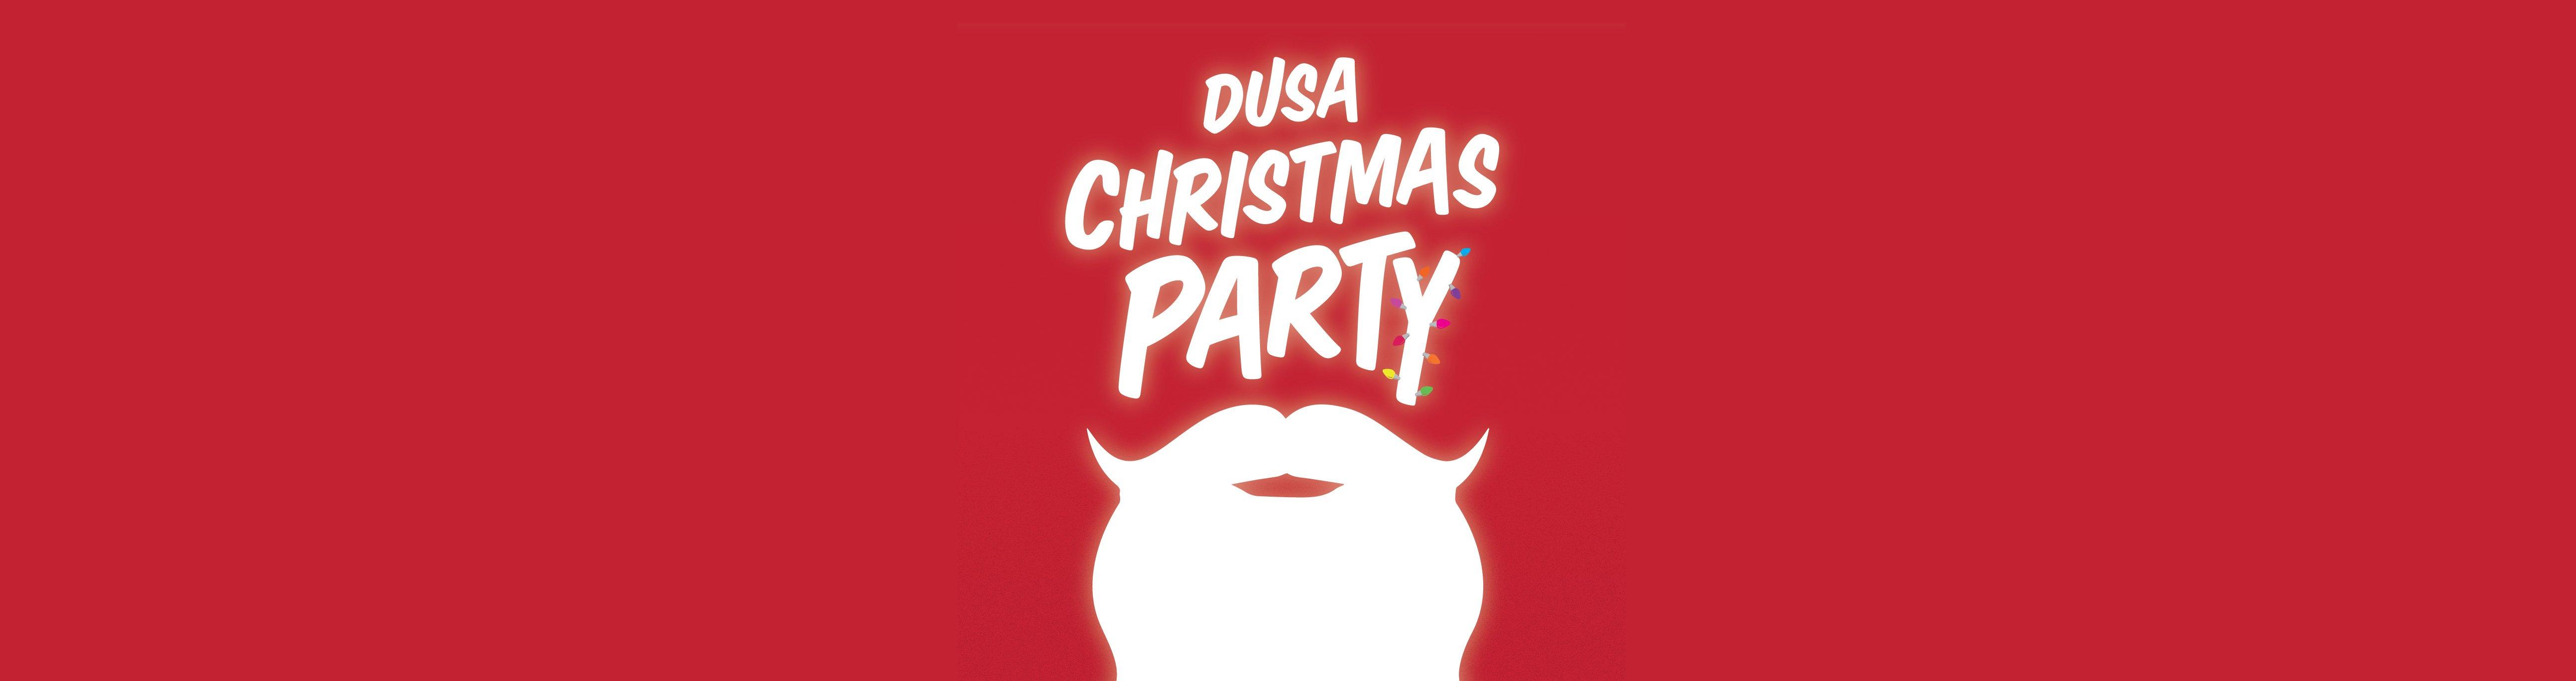 DUSA xmas party